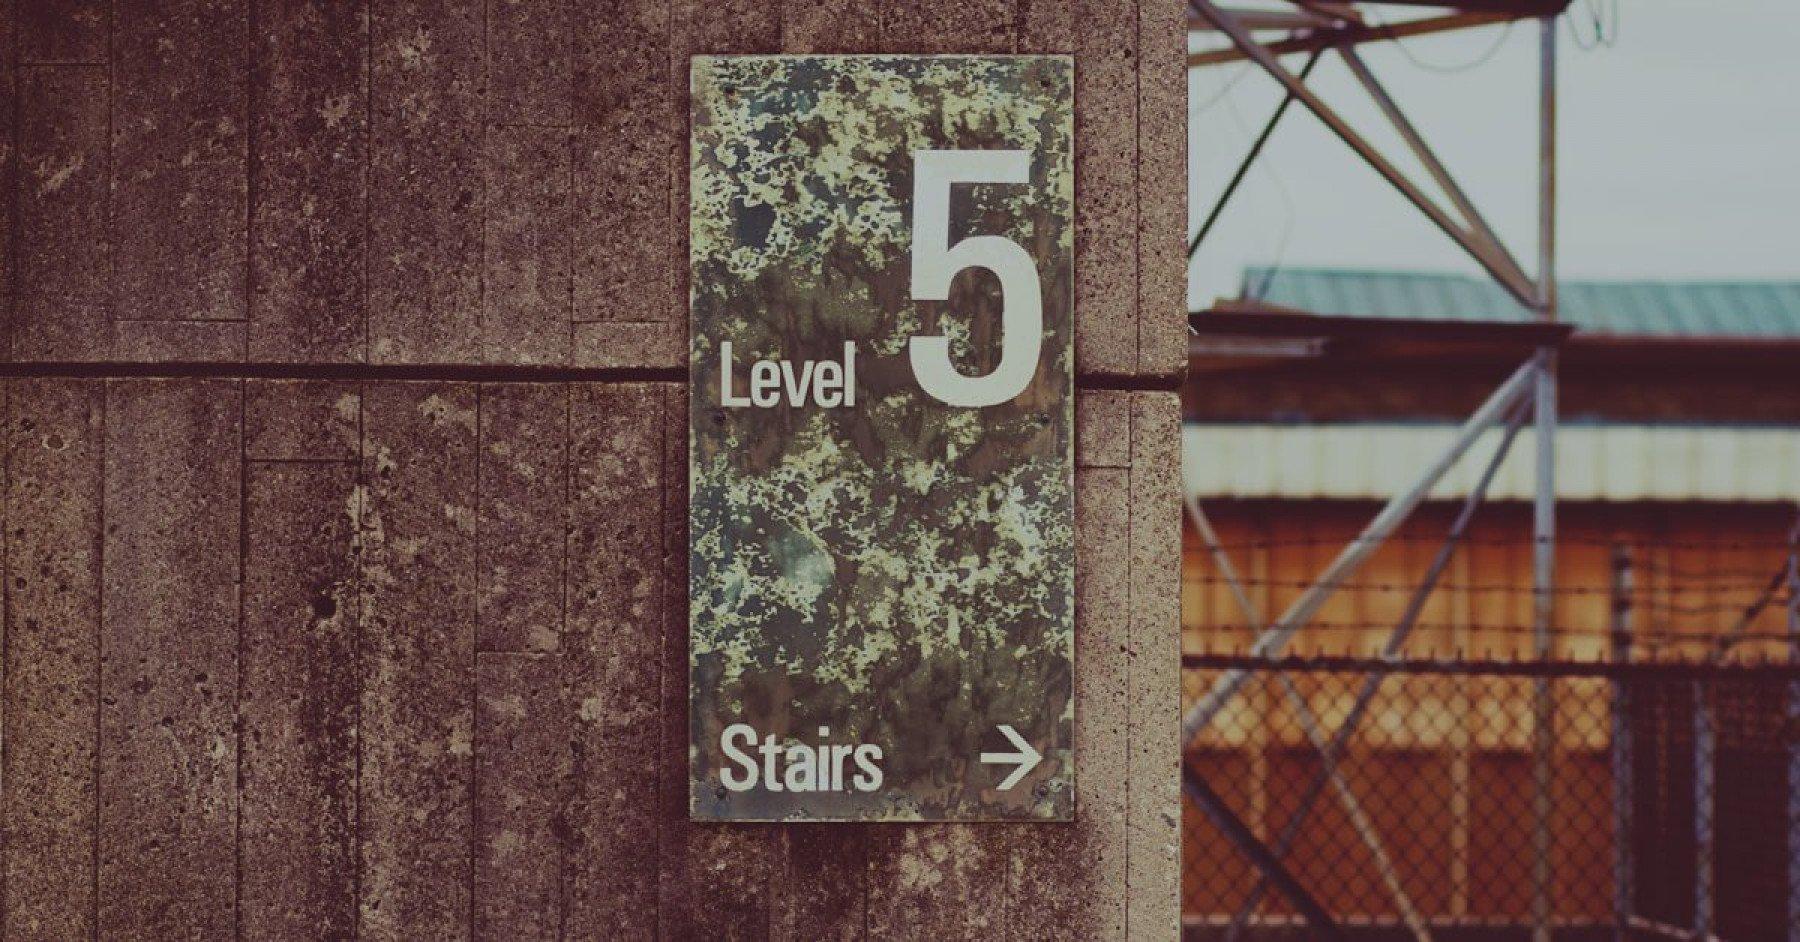 Skylt med våning fem i utomhustrapphus